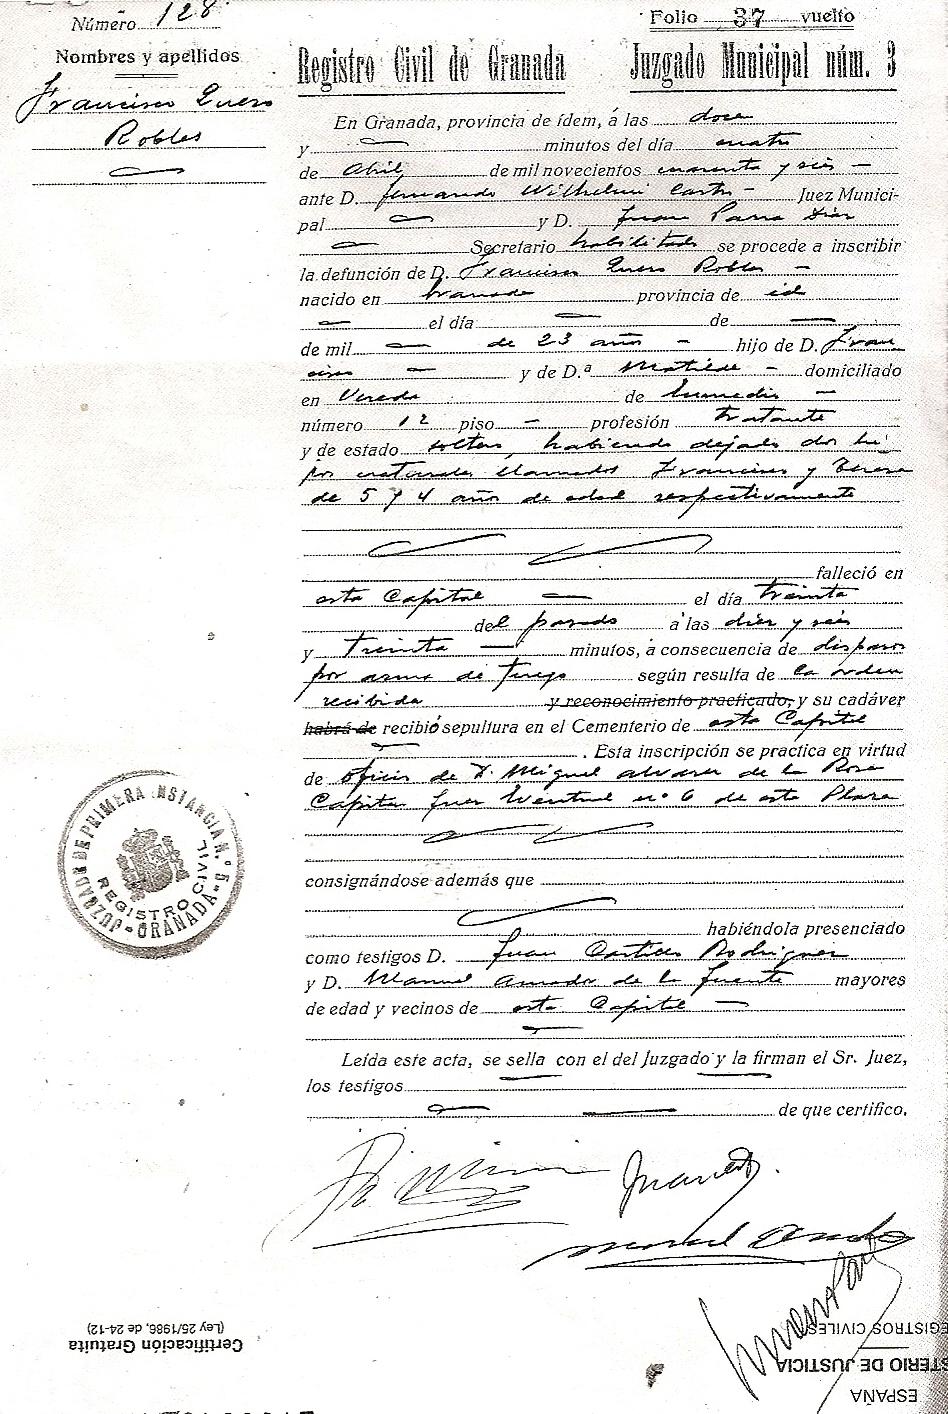 Partida de defunción de Francisco Quero Robles.